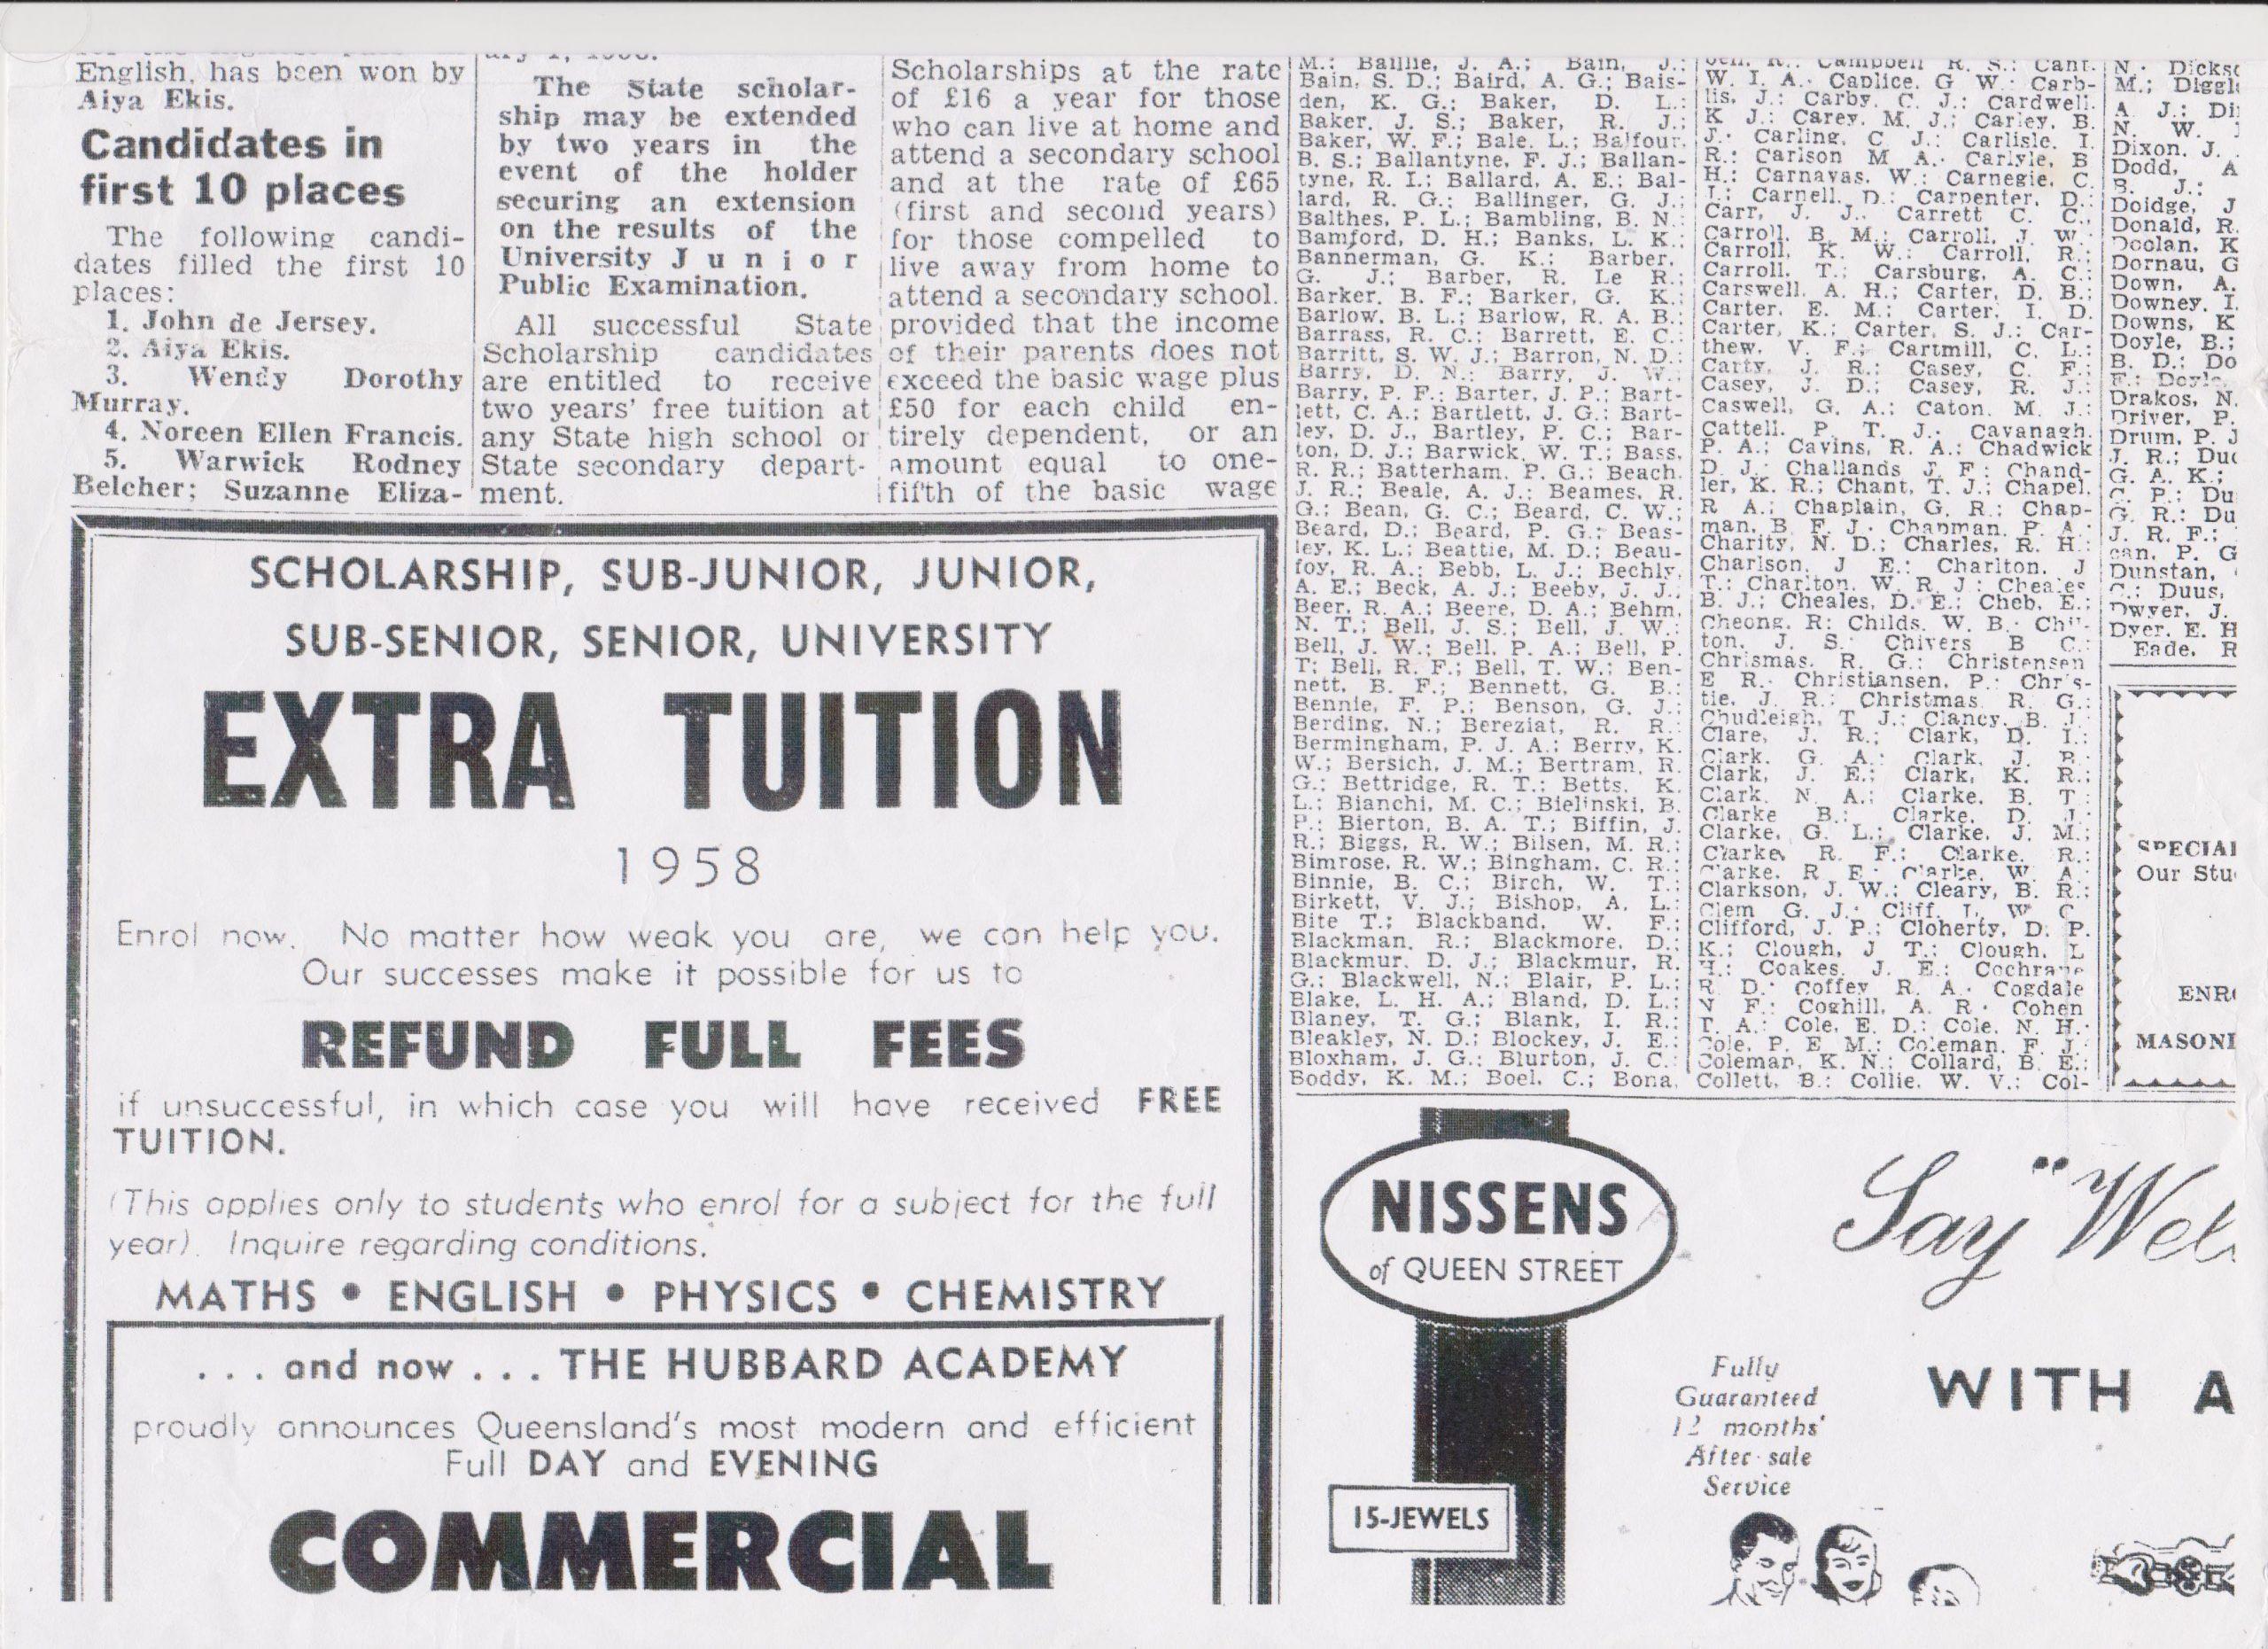 1957 Scholarship 02